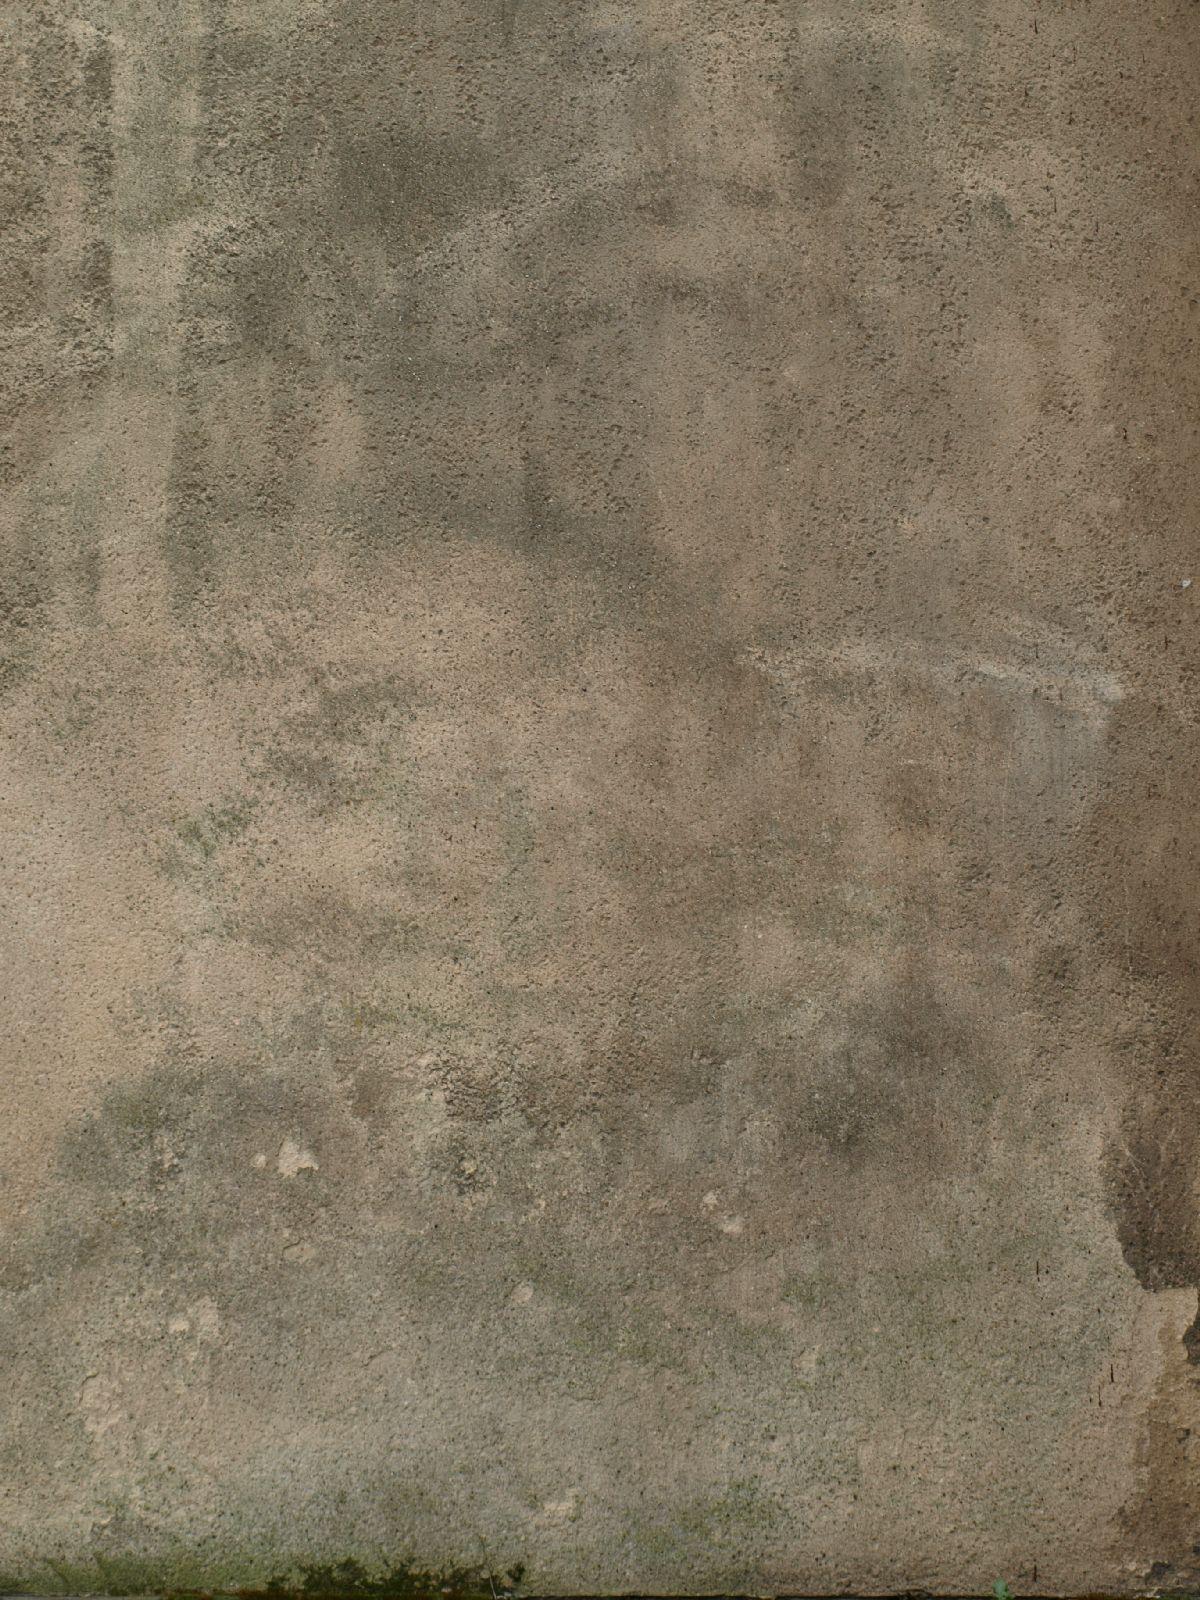 Grunge-Dreck_Textur_A_P4120837